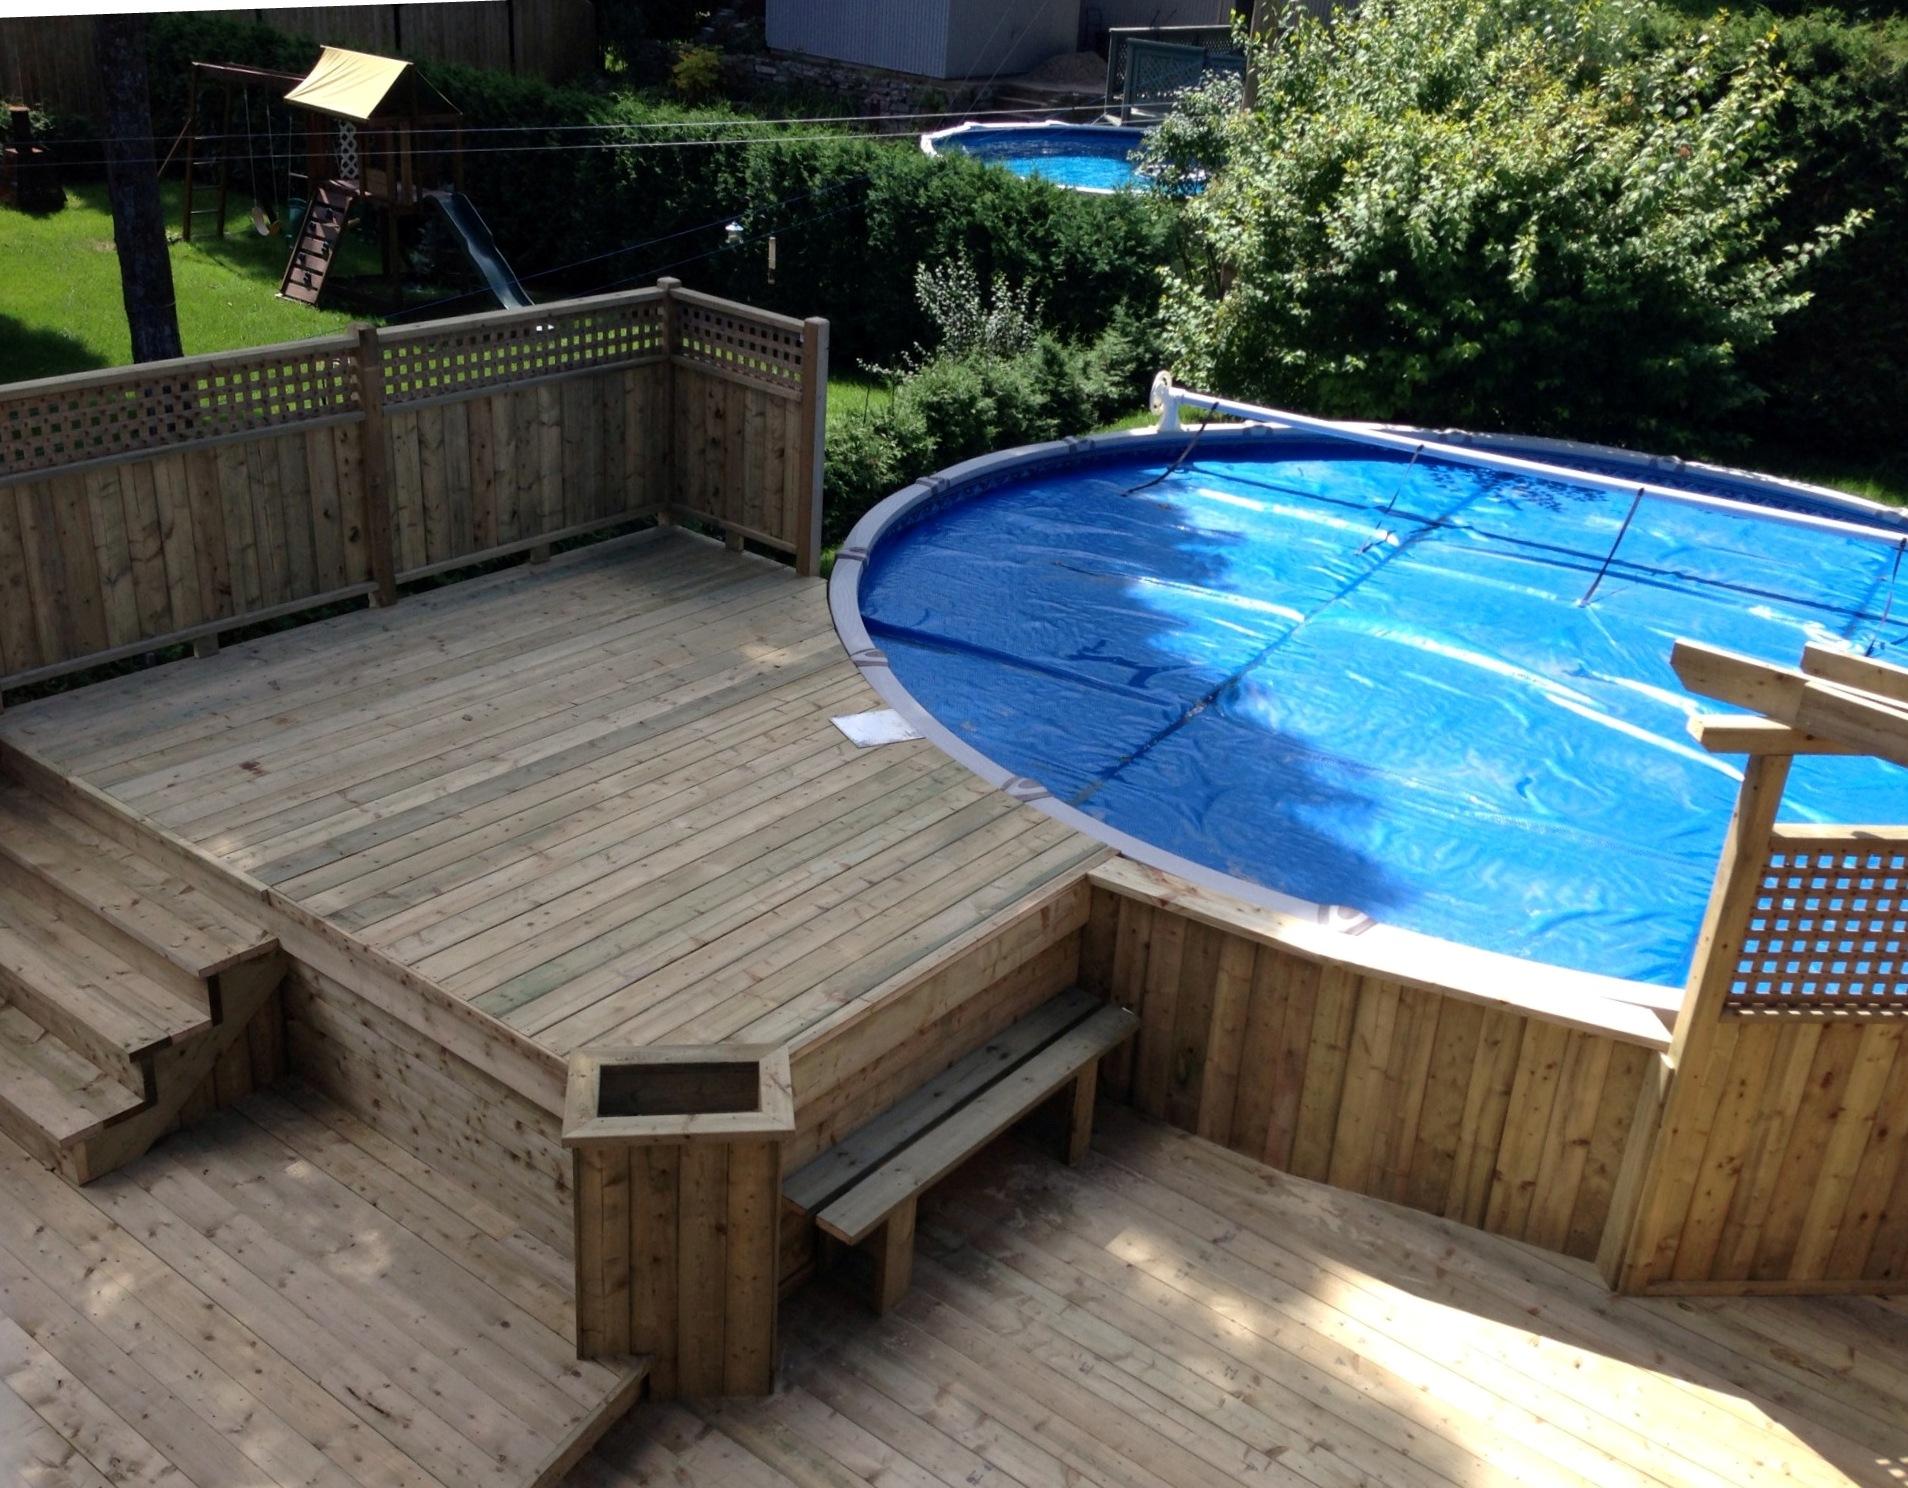 Patios decks piscine patio bois trait for Vente de piscine hors terre